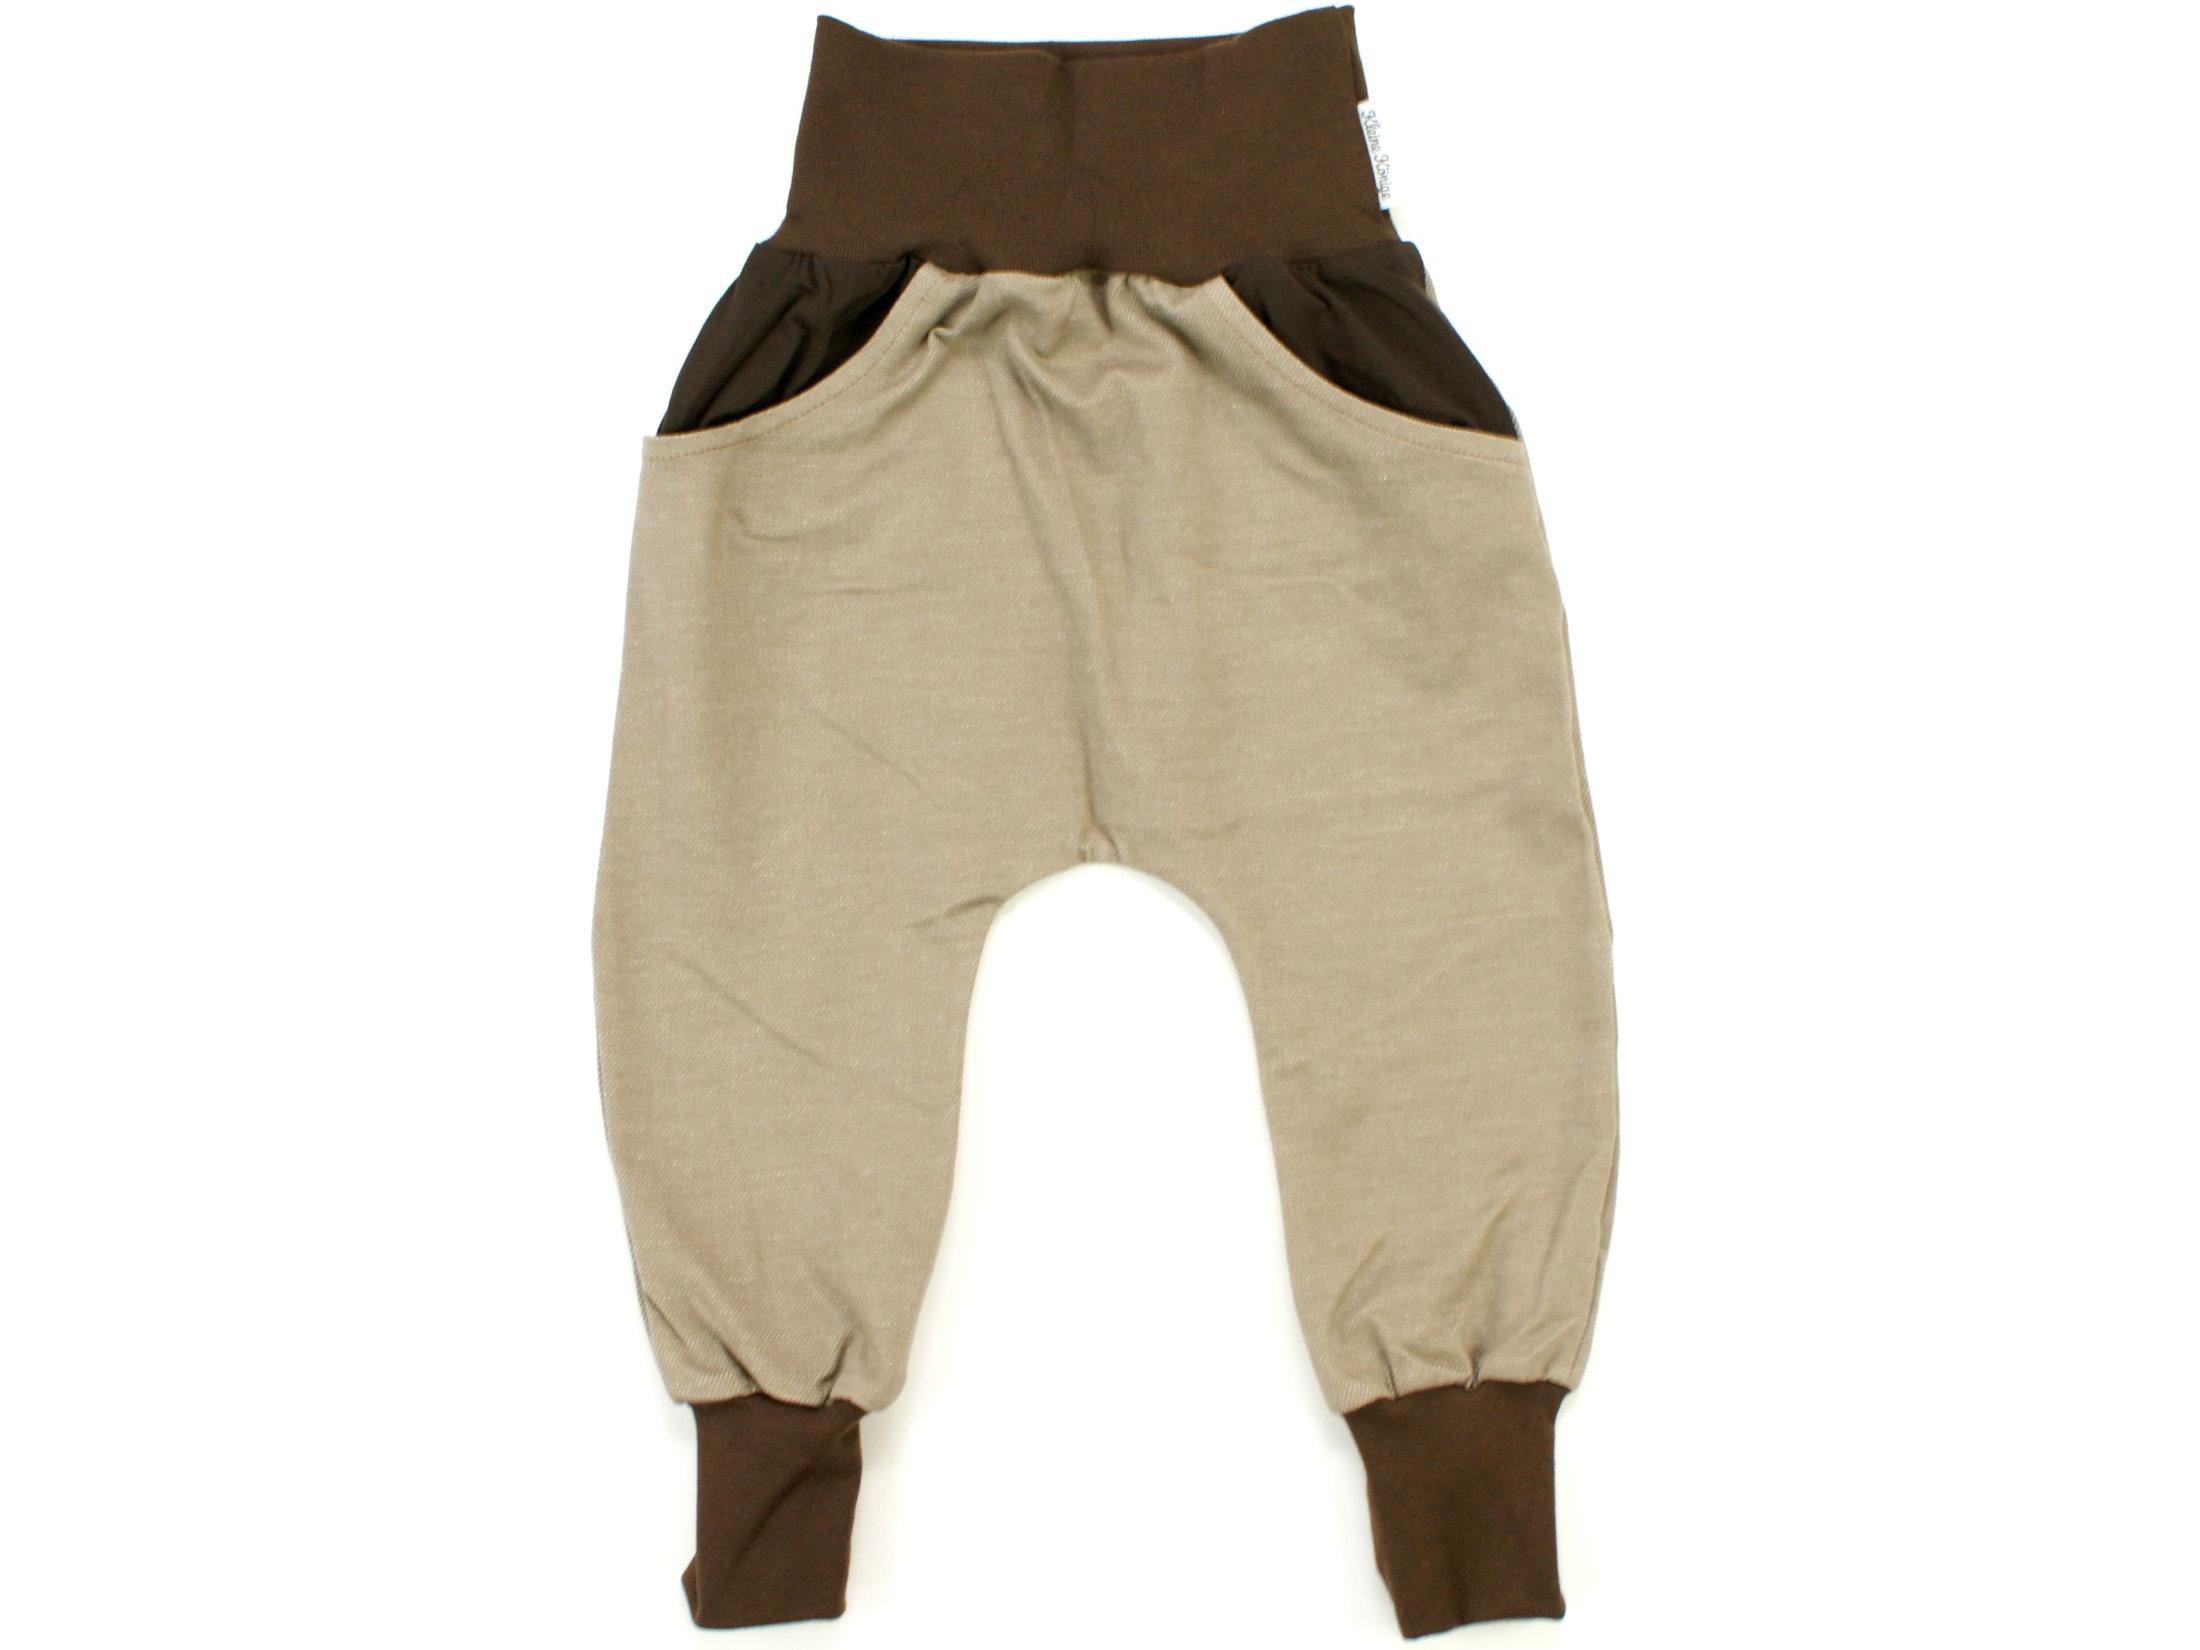 Kinderhose mit Taschen Jeansjersey beigebraun